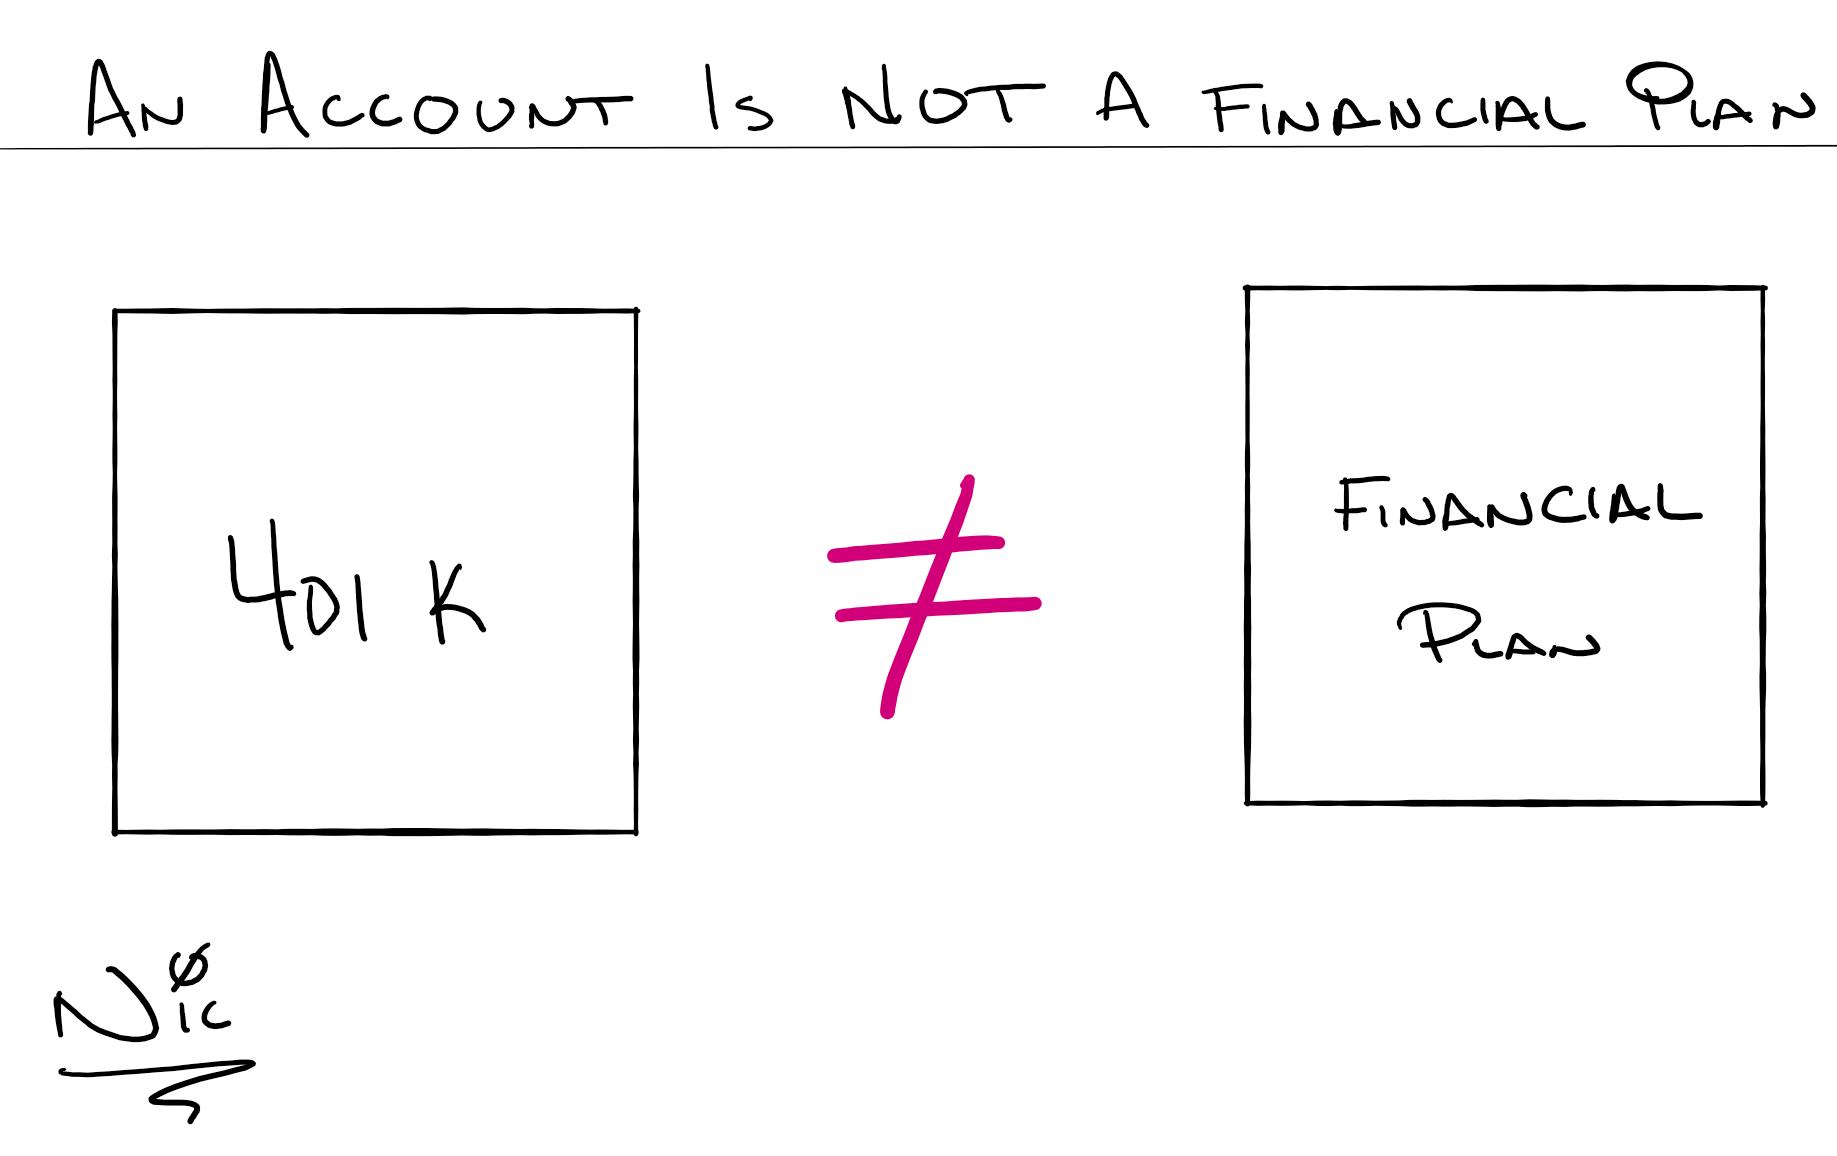 not a financial plan